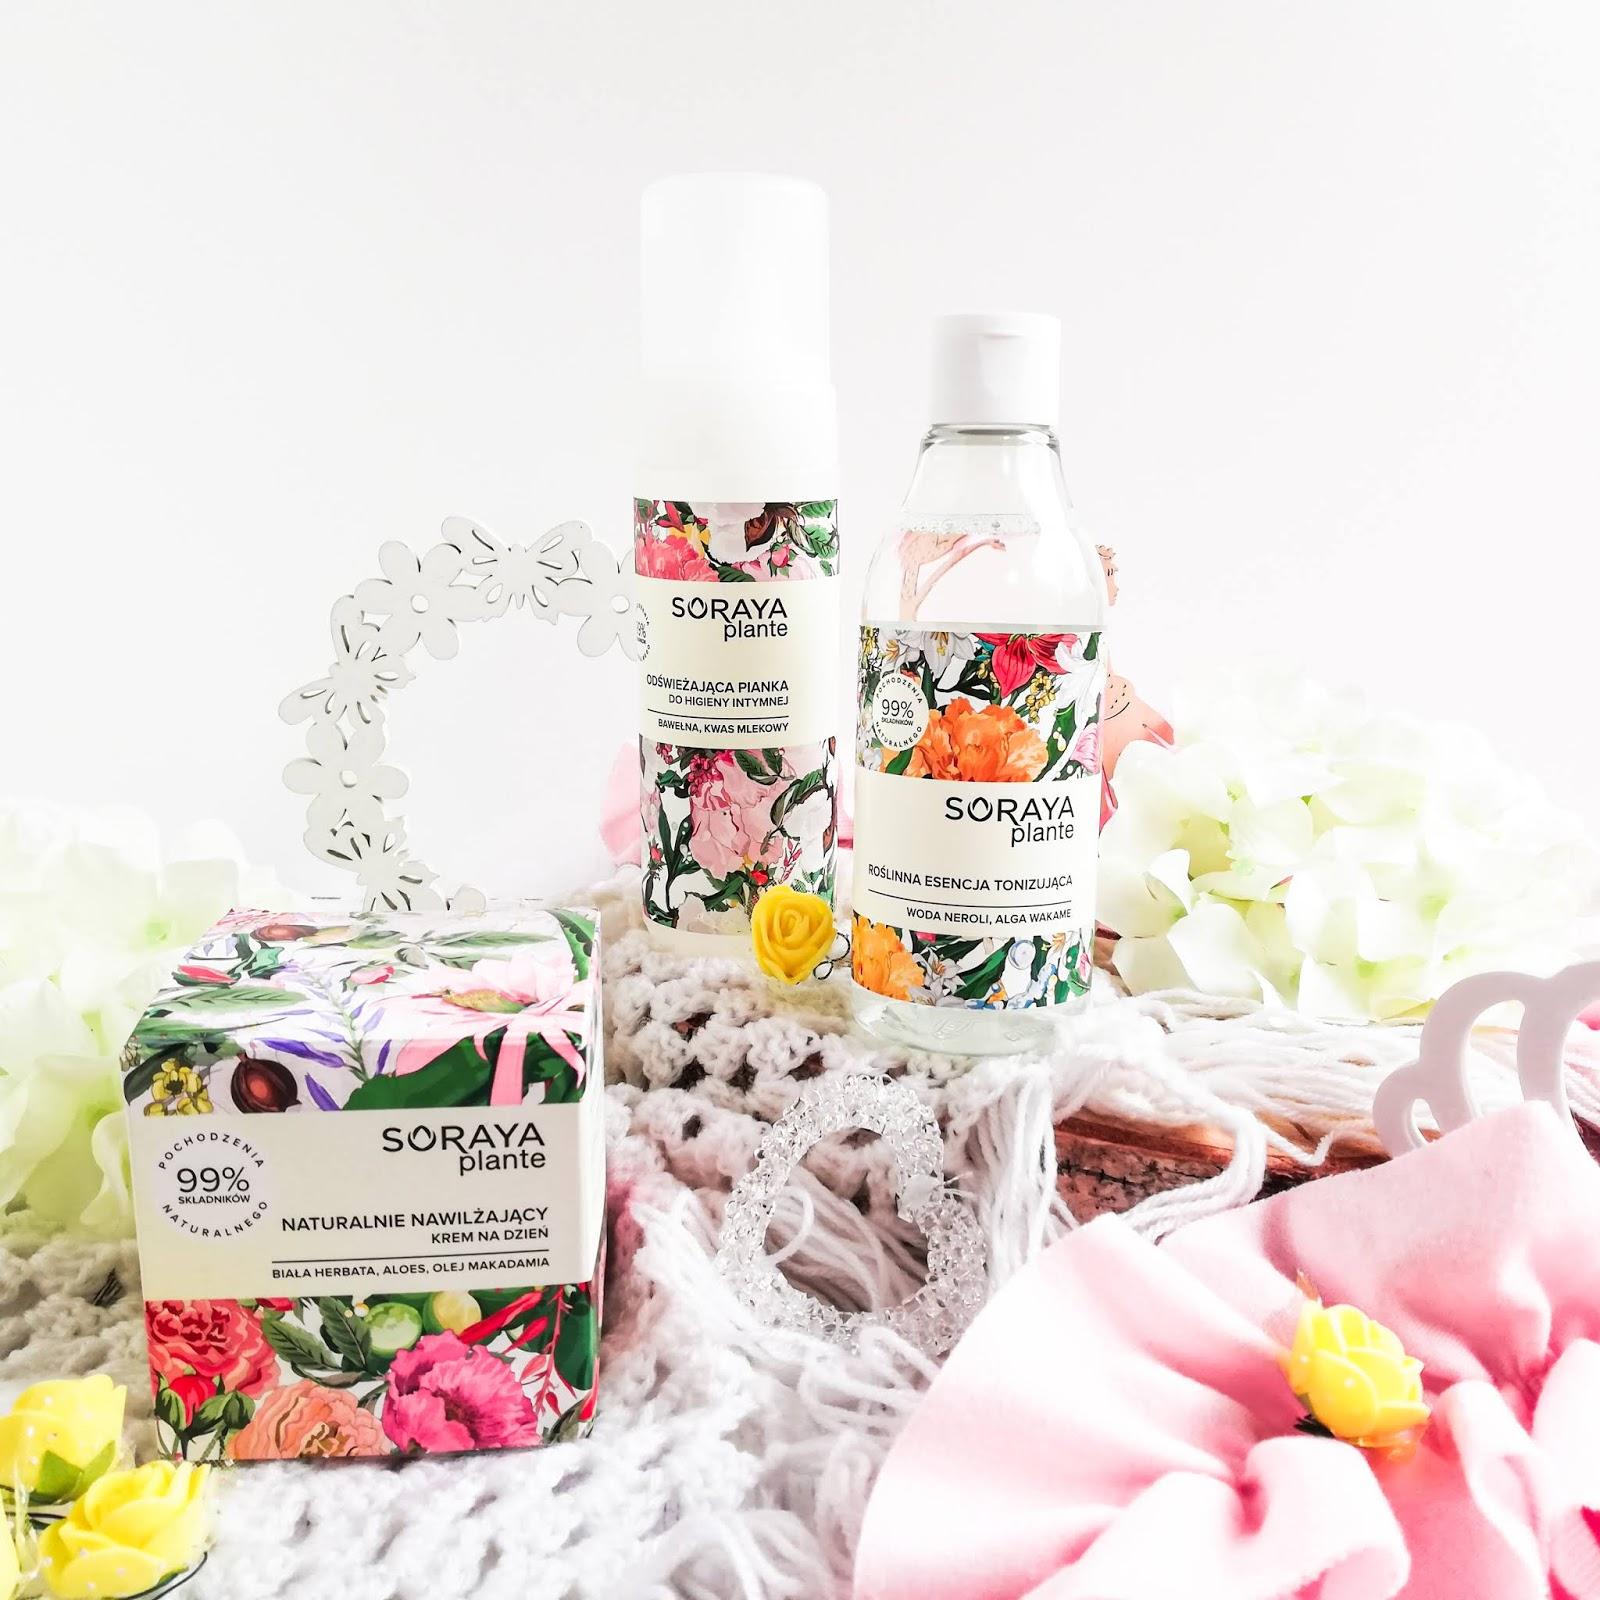 Soraya Plante | Kosmetyki do pielęgnacji twarzy oraz do pielęgnacji okolic intymnych | Roślinna esencja tonizująca | Naturalny nawilżający krem na dzień | Odświeżająca pianka do higieny intymnej